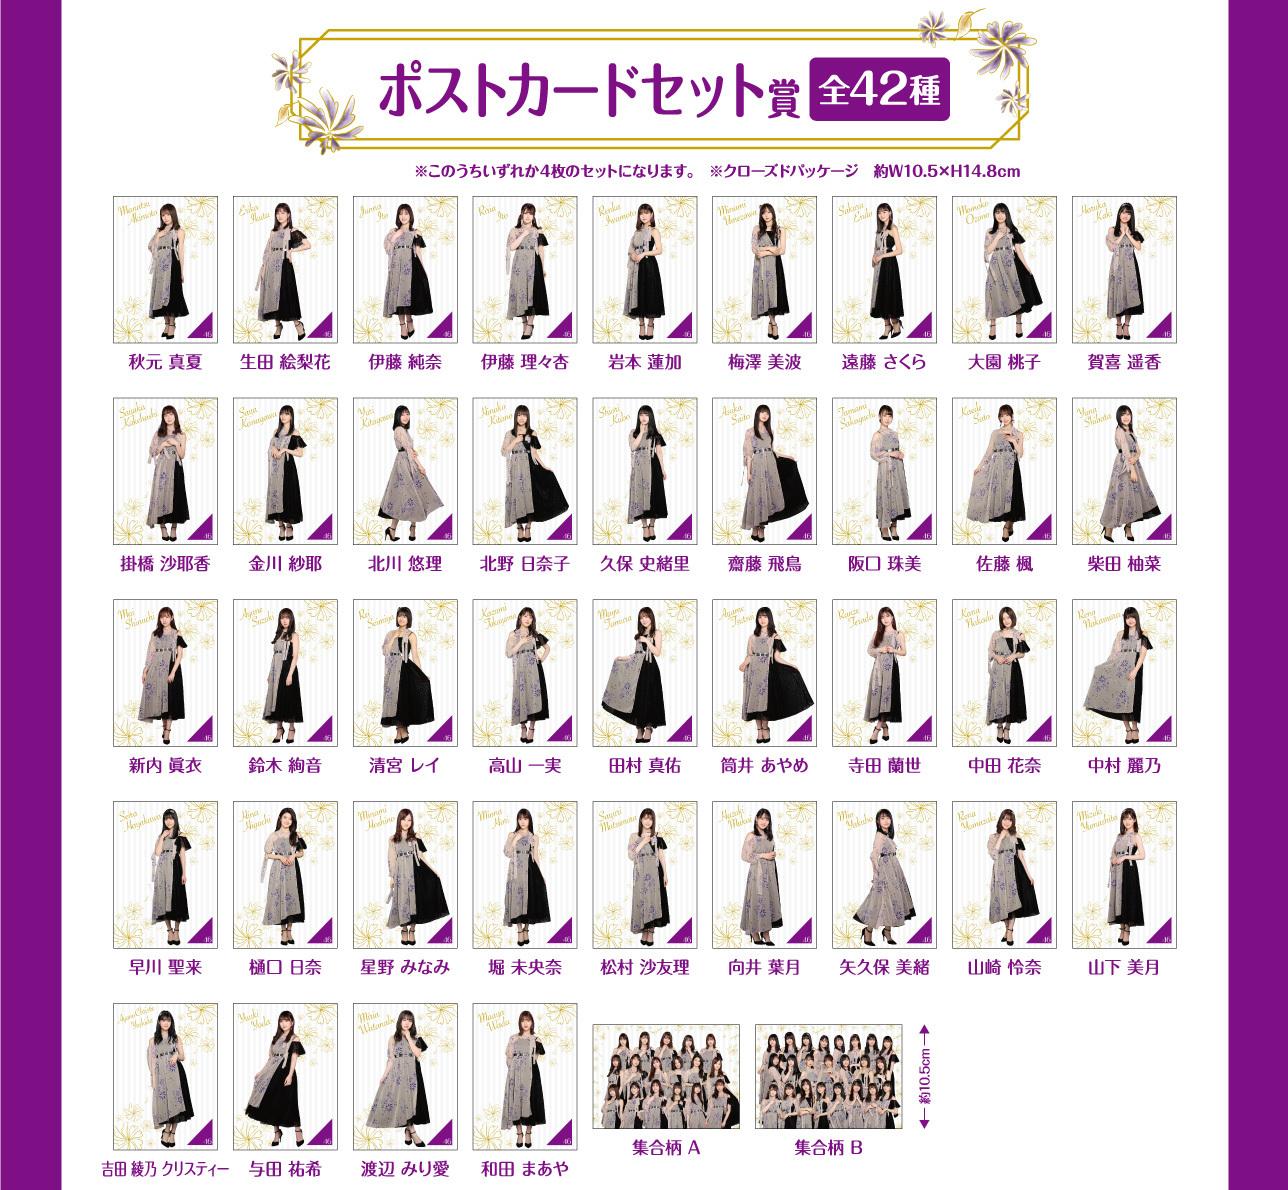 乃木坂46 くじっちゃお ポストカードセット賞